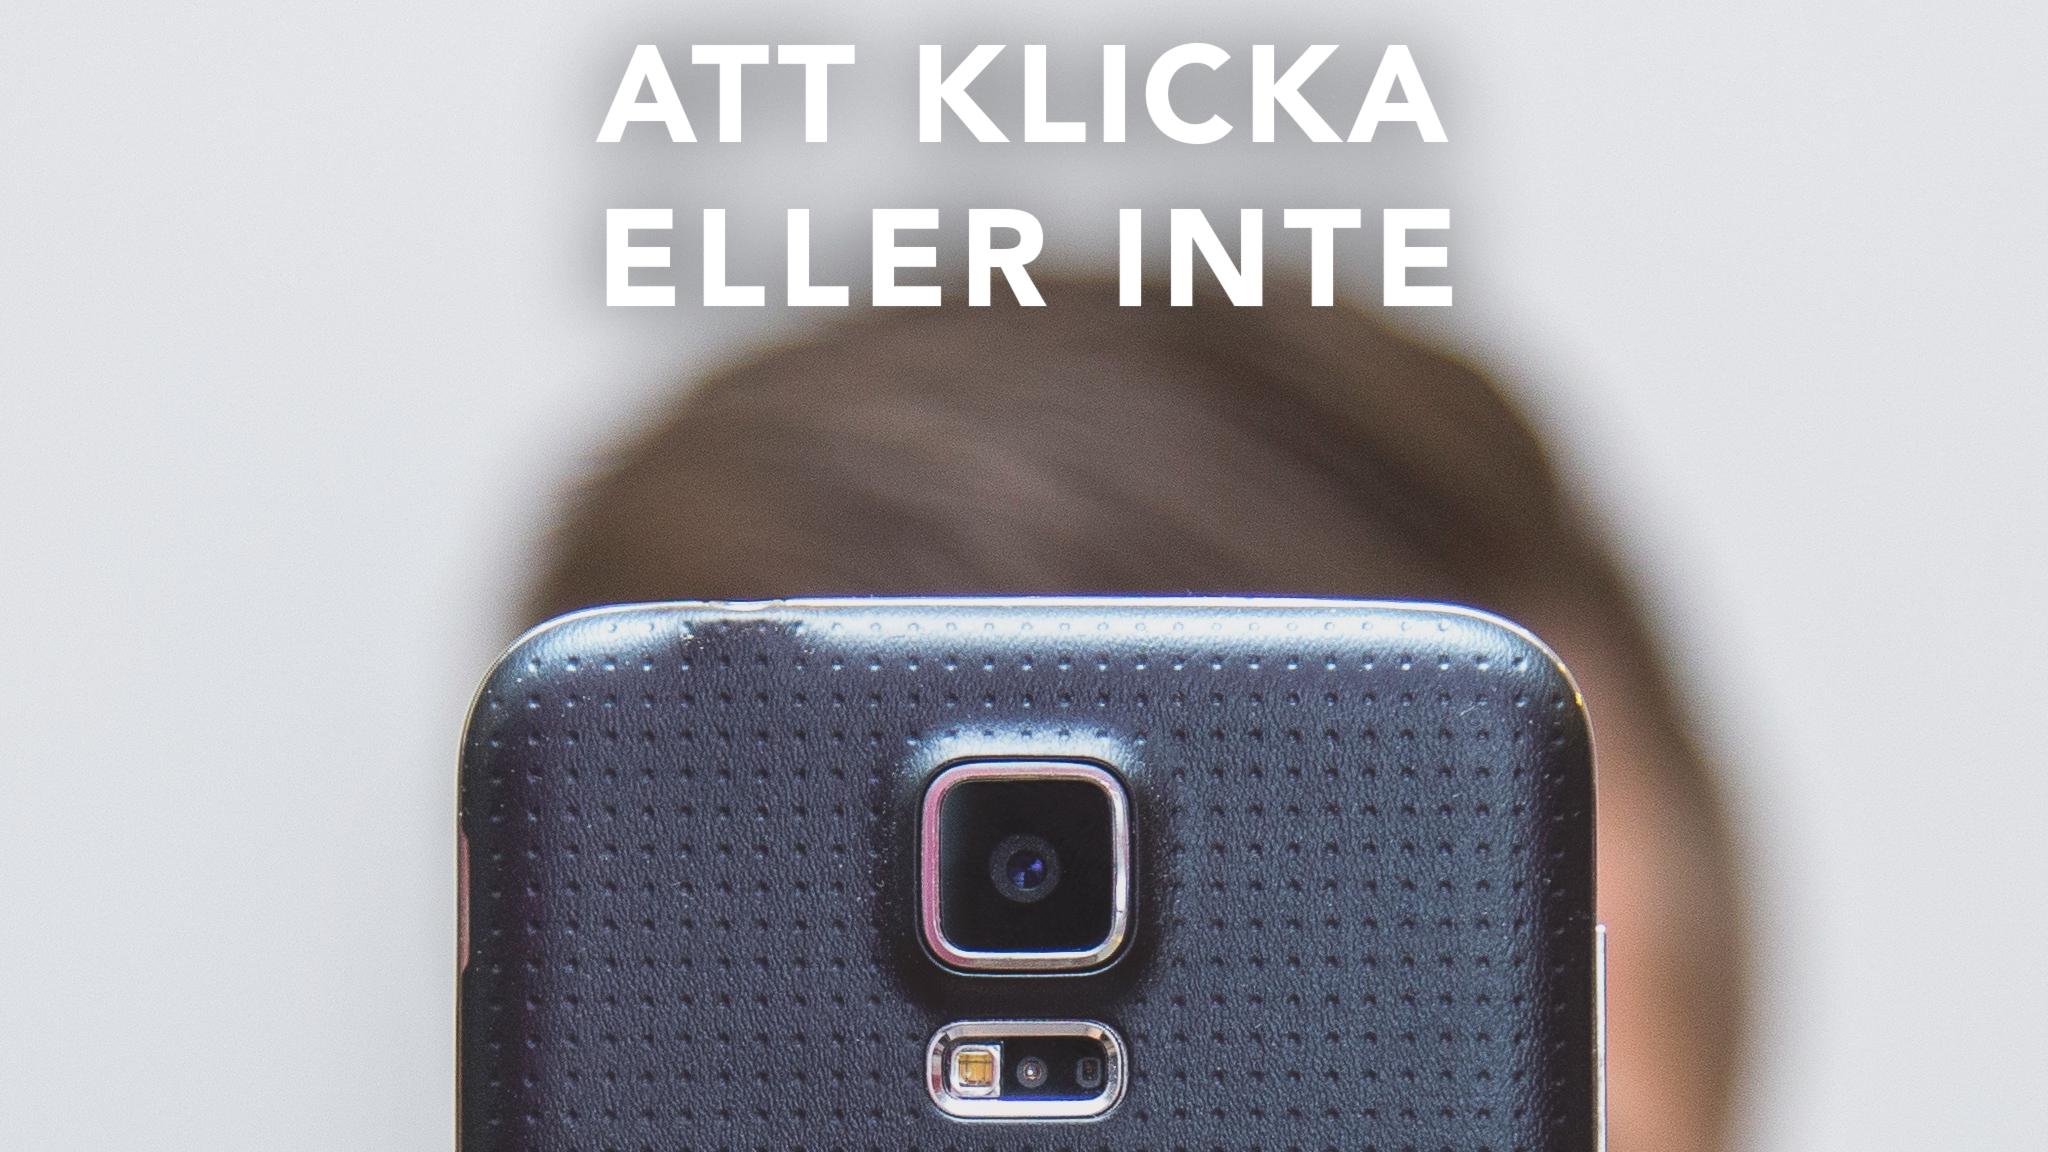 Kamera i fokus text: Att klicka eller inte